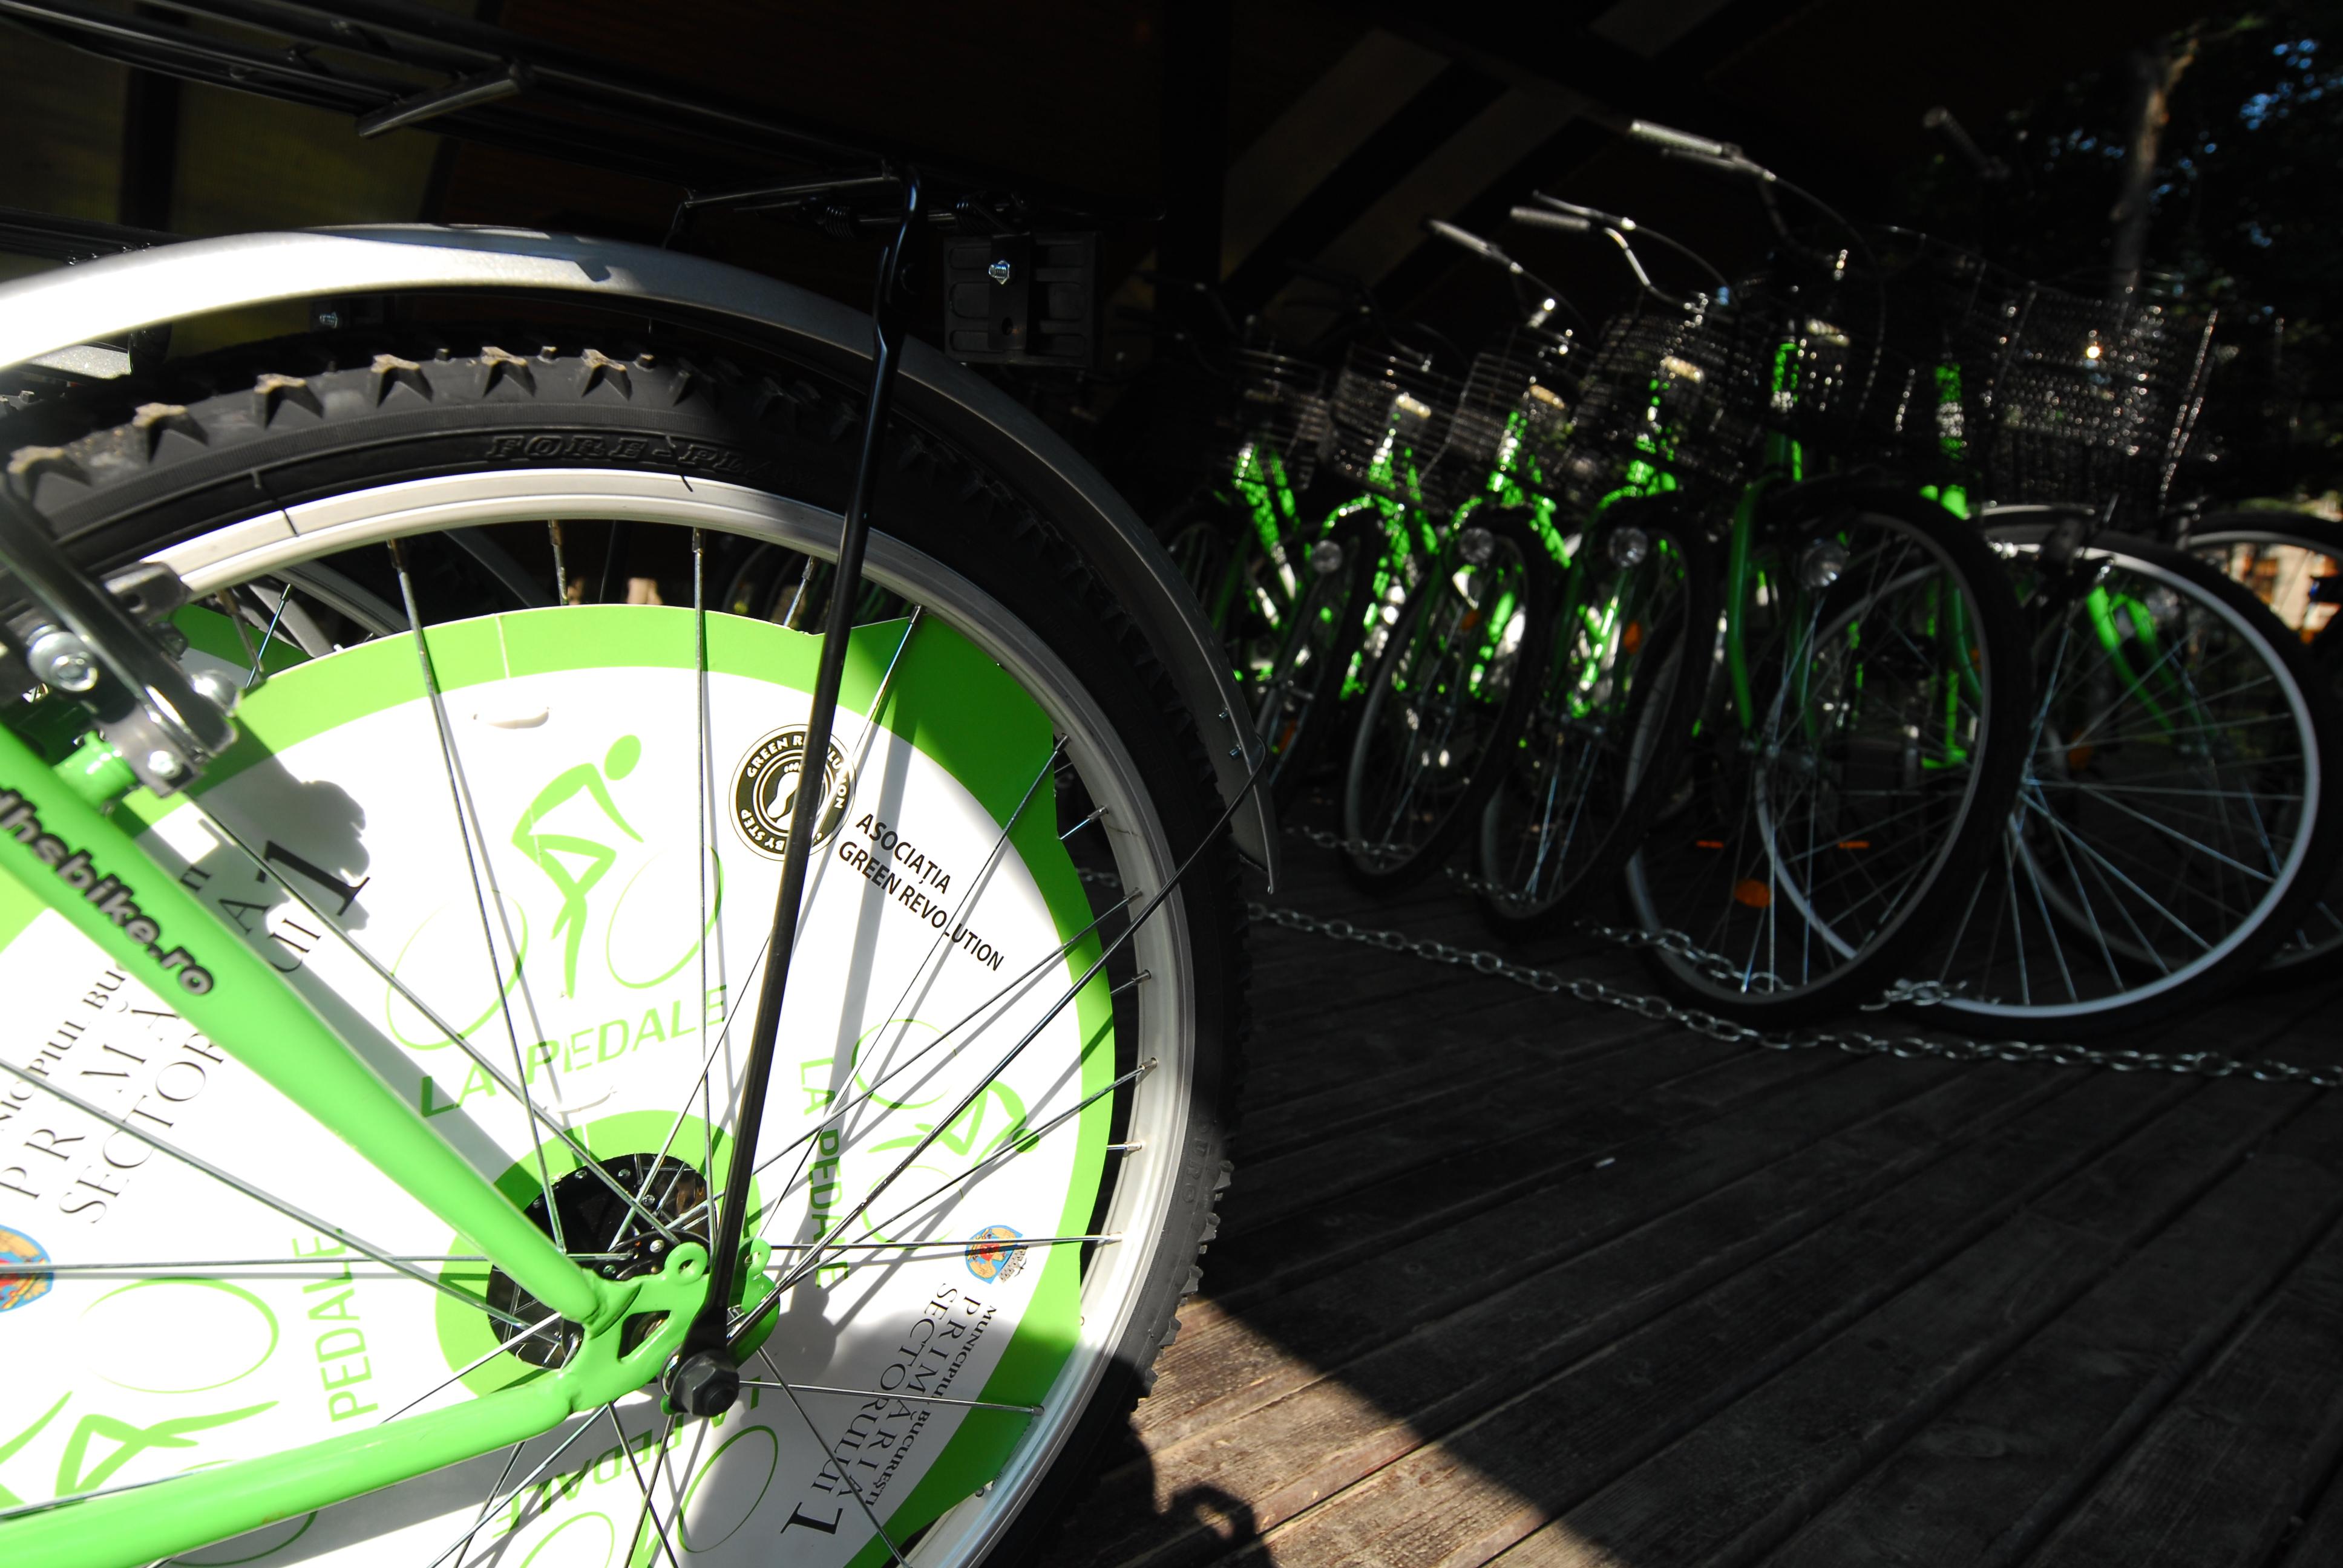 la pedale - centru inchiriere biciclete in Parcul Herastrau